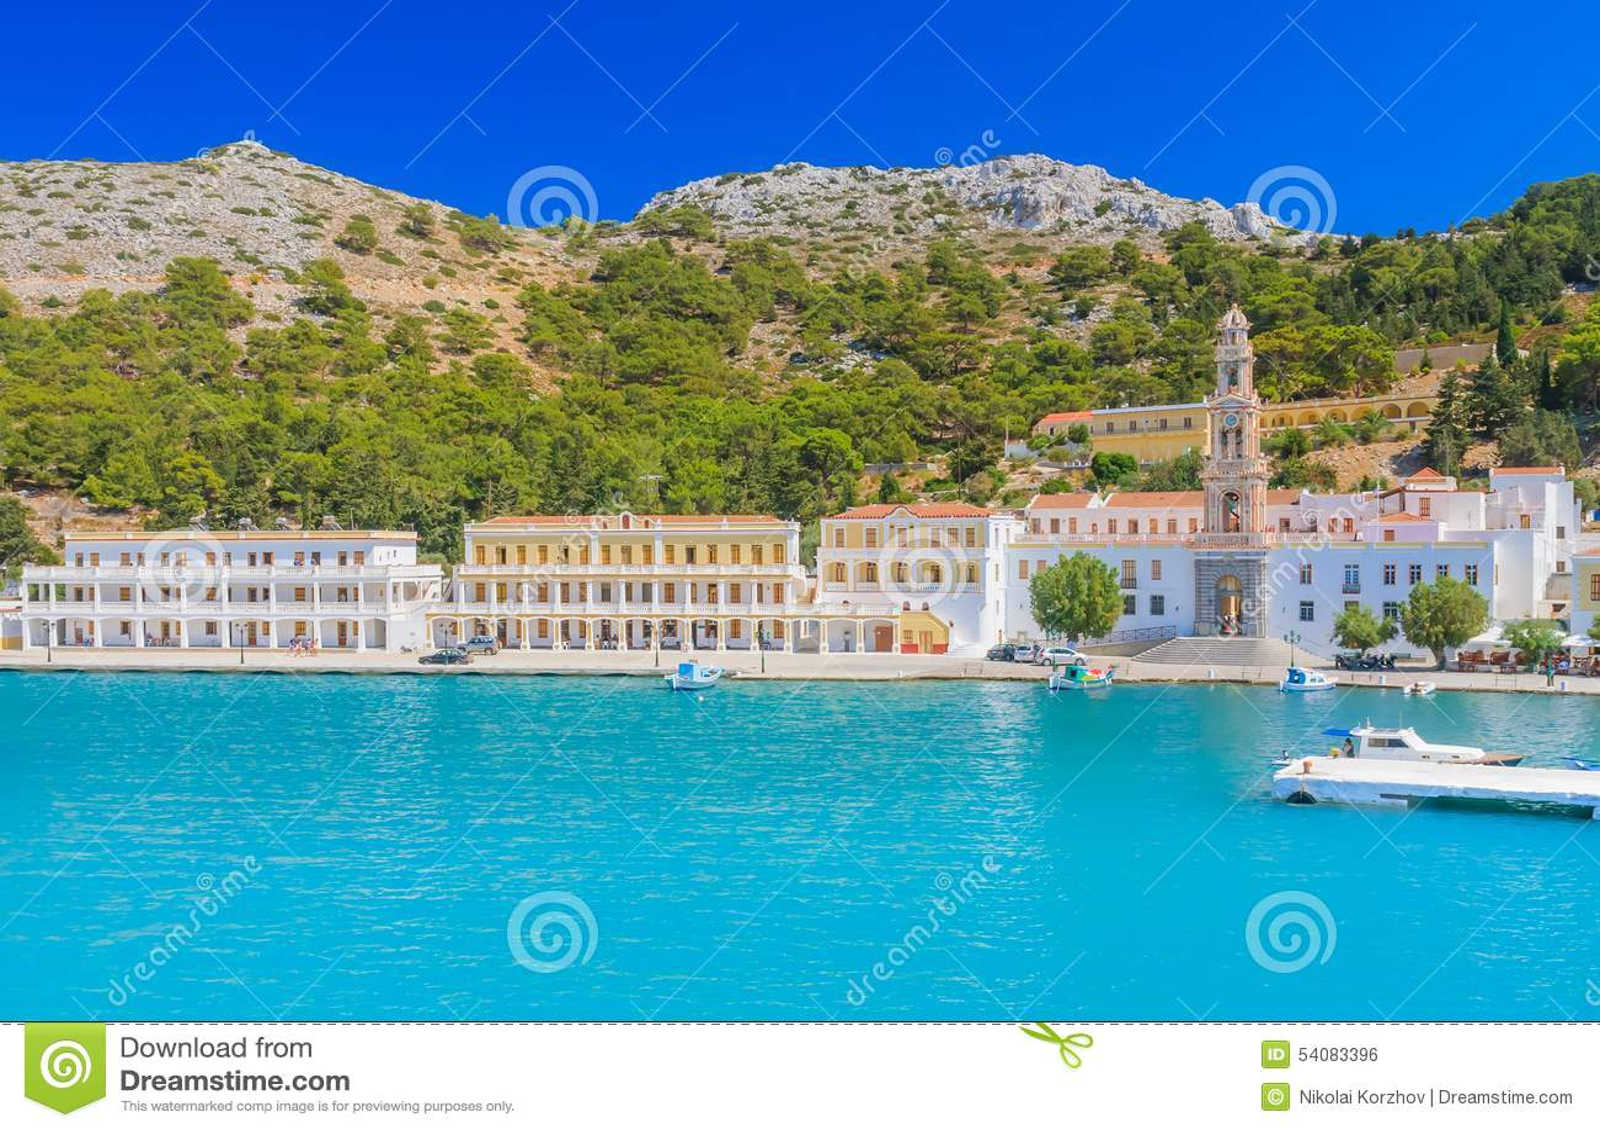 Klooster Panormitis Het eiland van Symi Griekenland